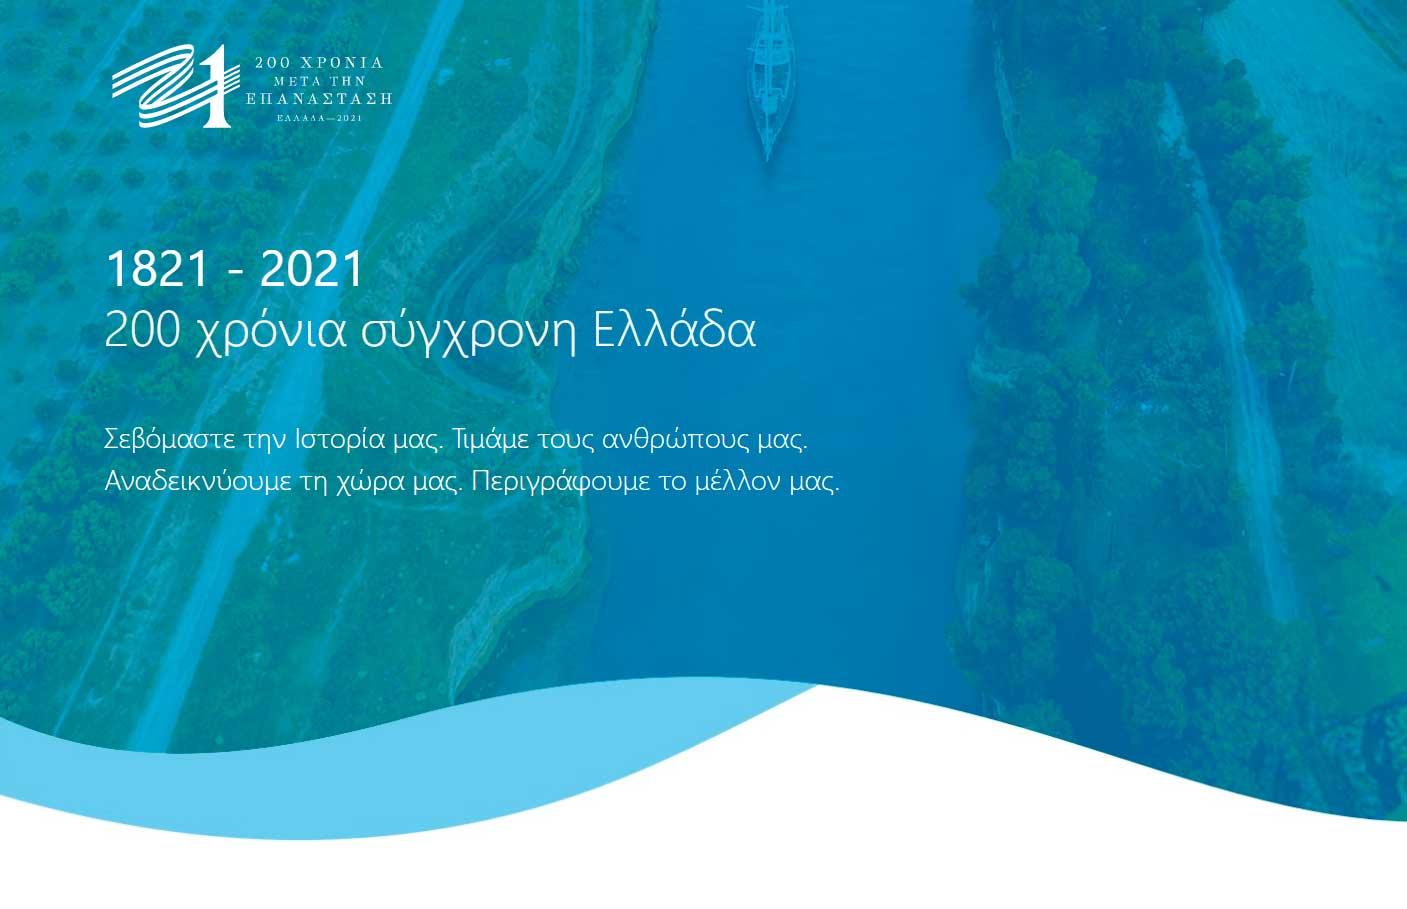 200 χρόνια σύγχρονη Ελλάδα